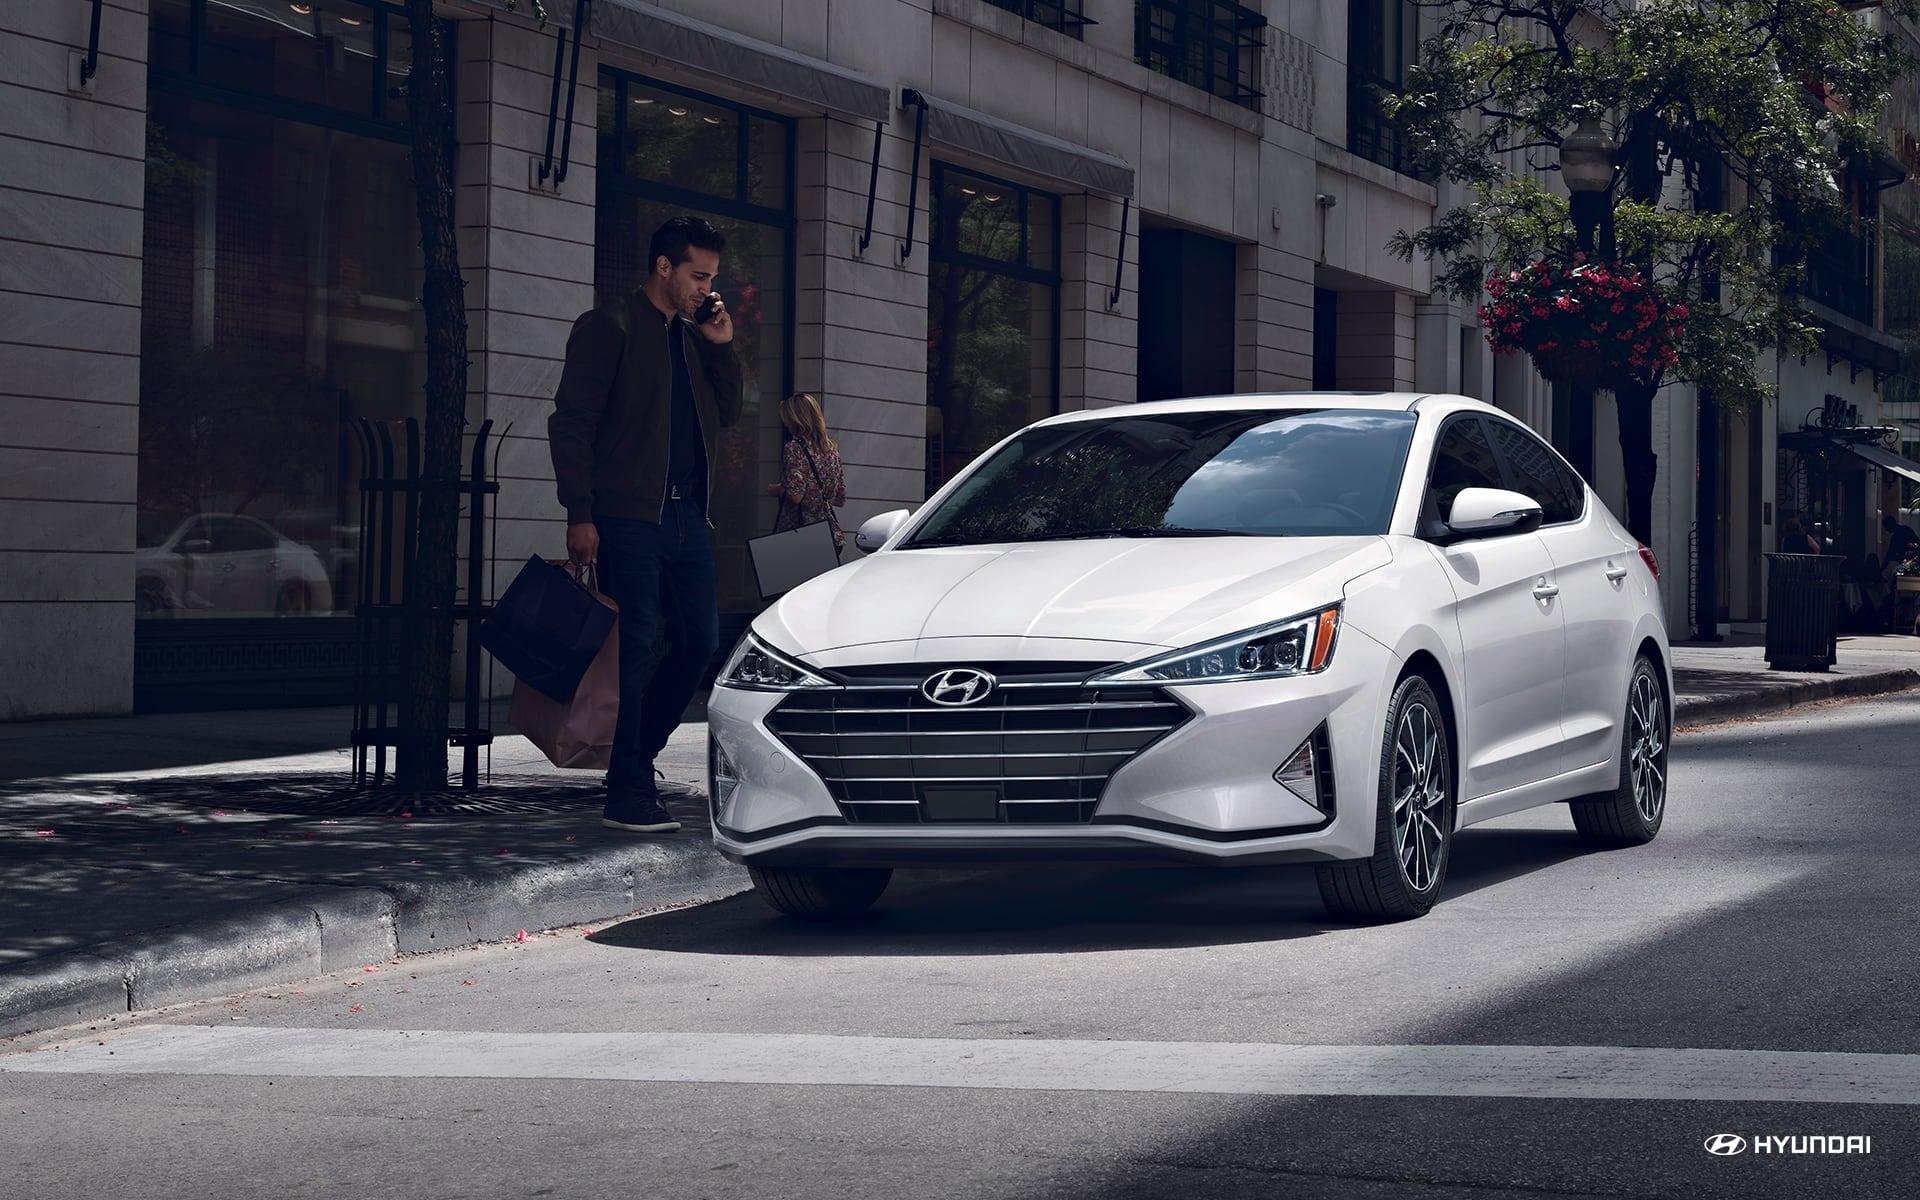 Test drive the 2020 Hyundai Elantra near Troy MI